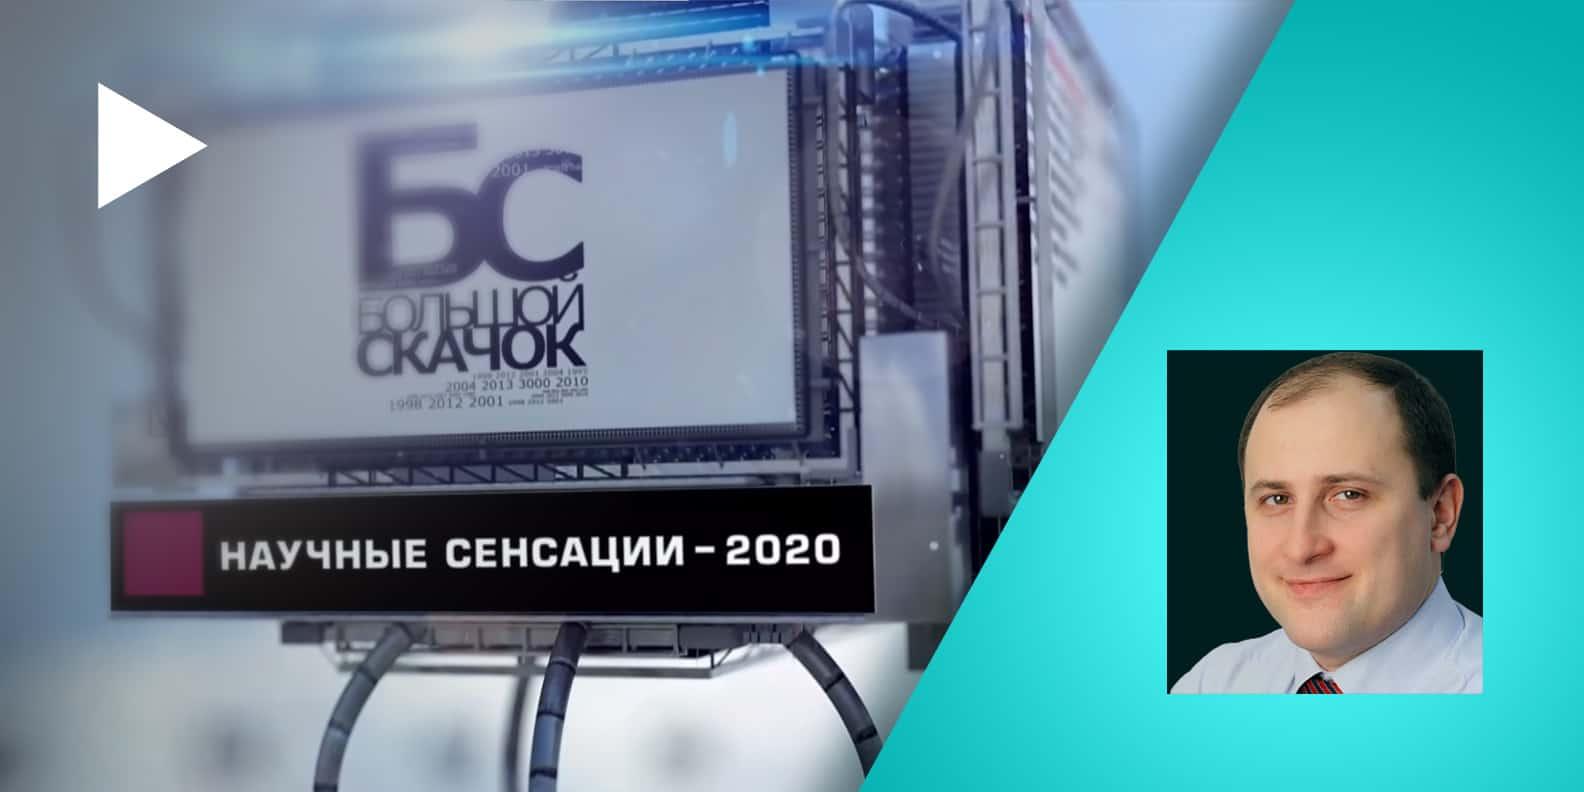 Дмитрий Лаконцев, руководитель ЦК НТИ на базе Сколтеха по технологиям беспроводной связи и интернету вещей принял участие в записи финального годового выпуска самого популярного научно-познавательного Youtube-канала в России. В материале,…